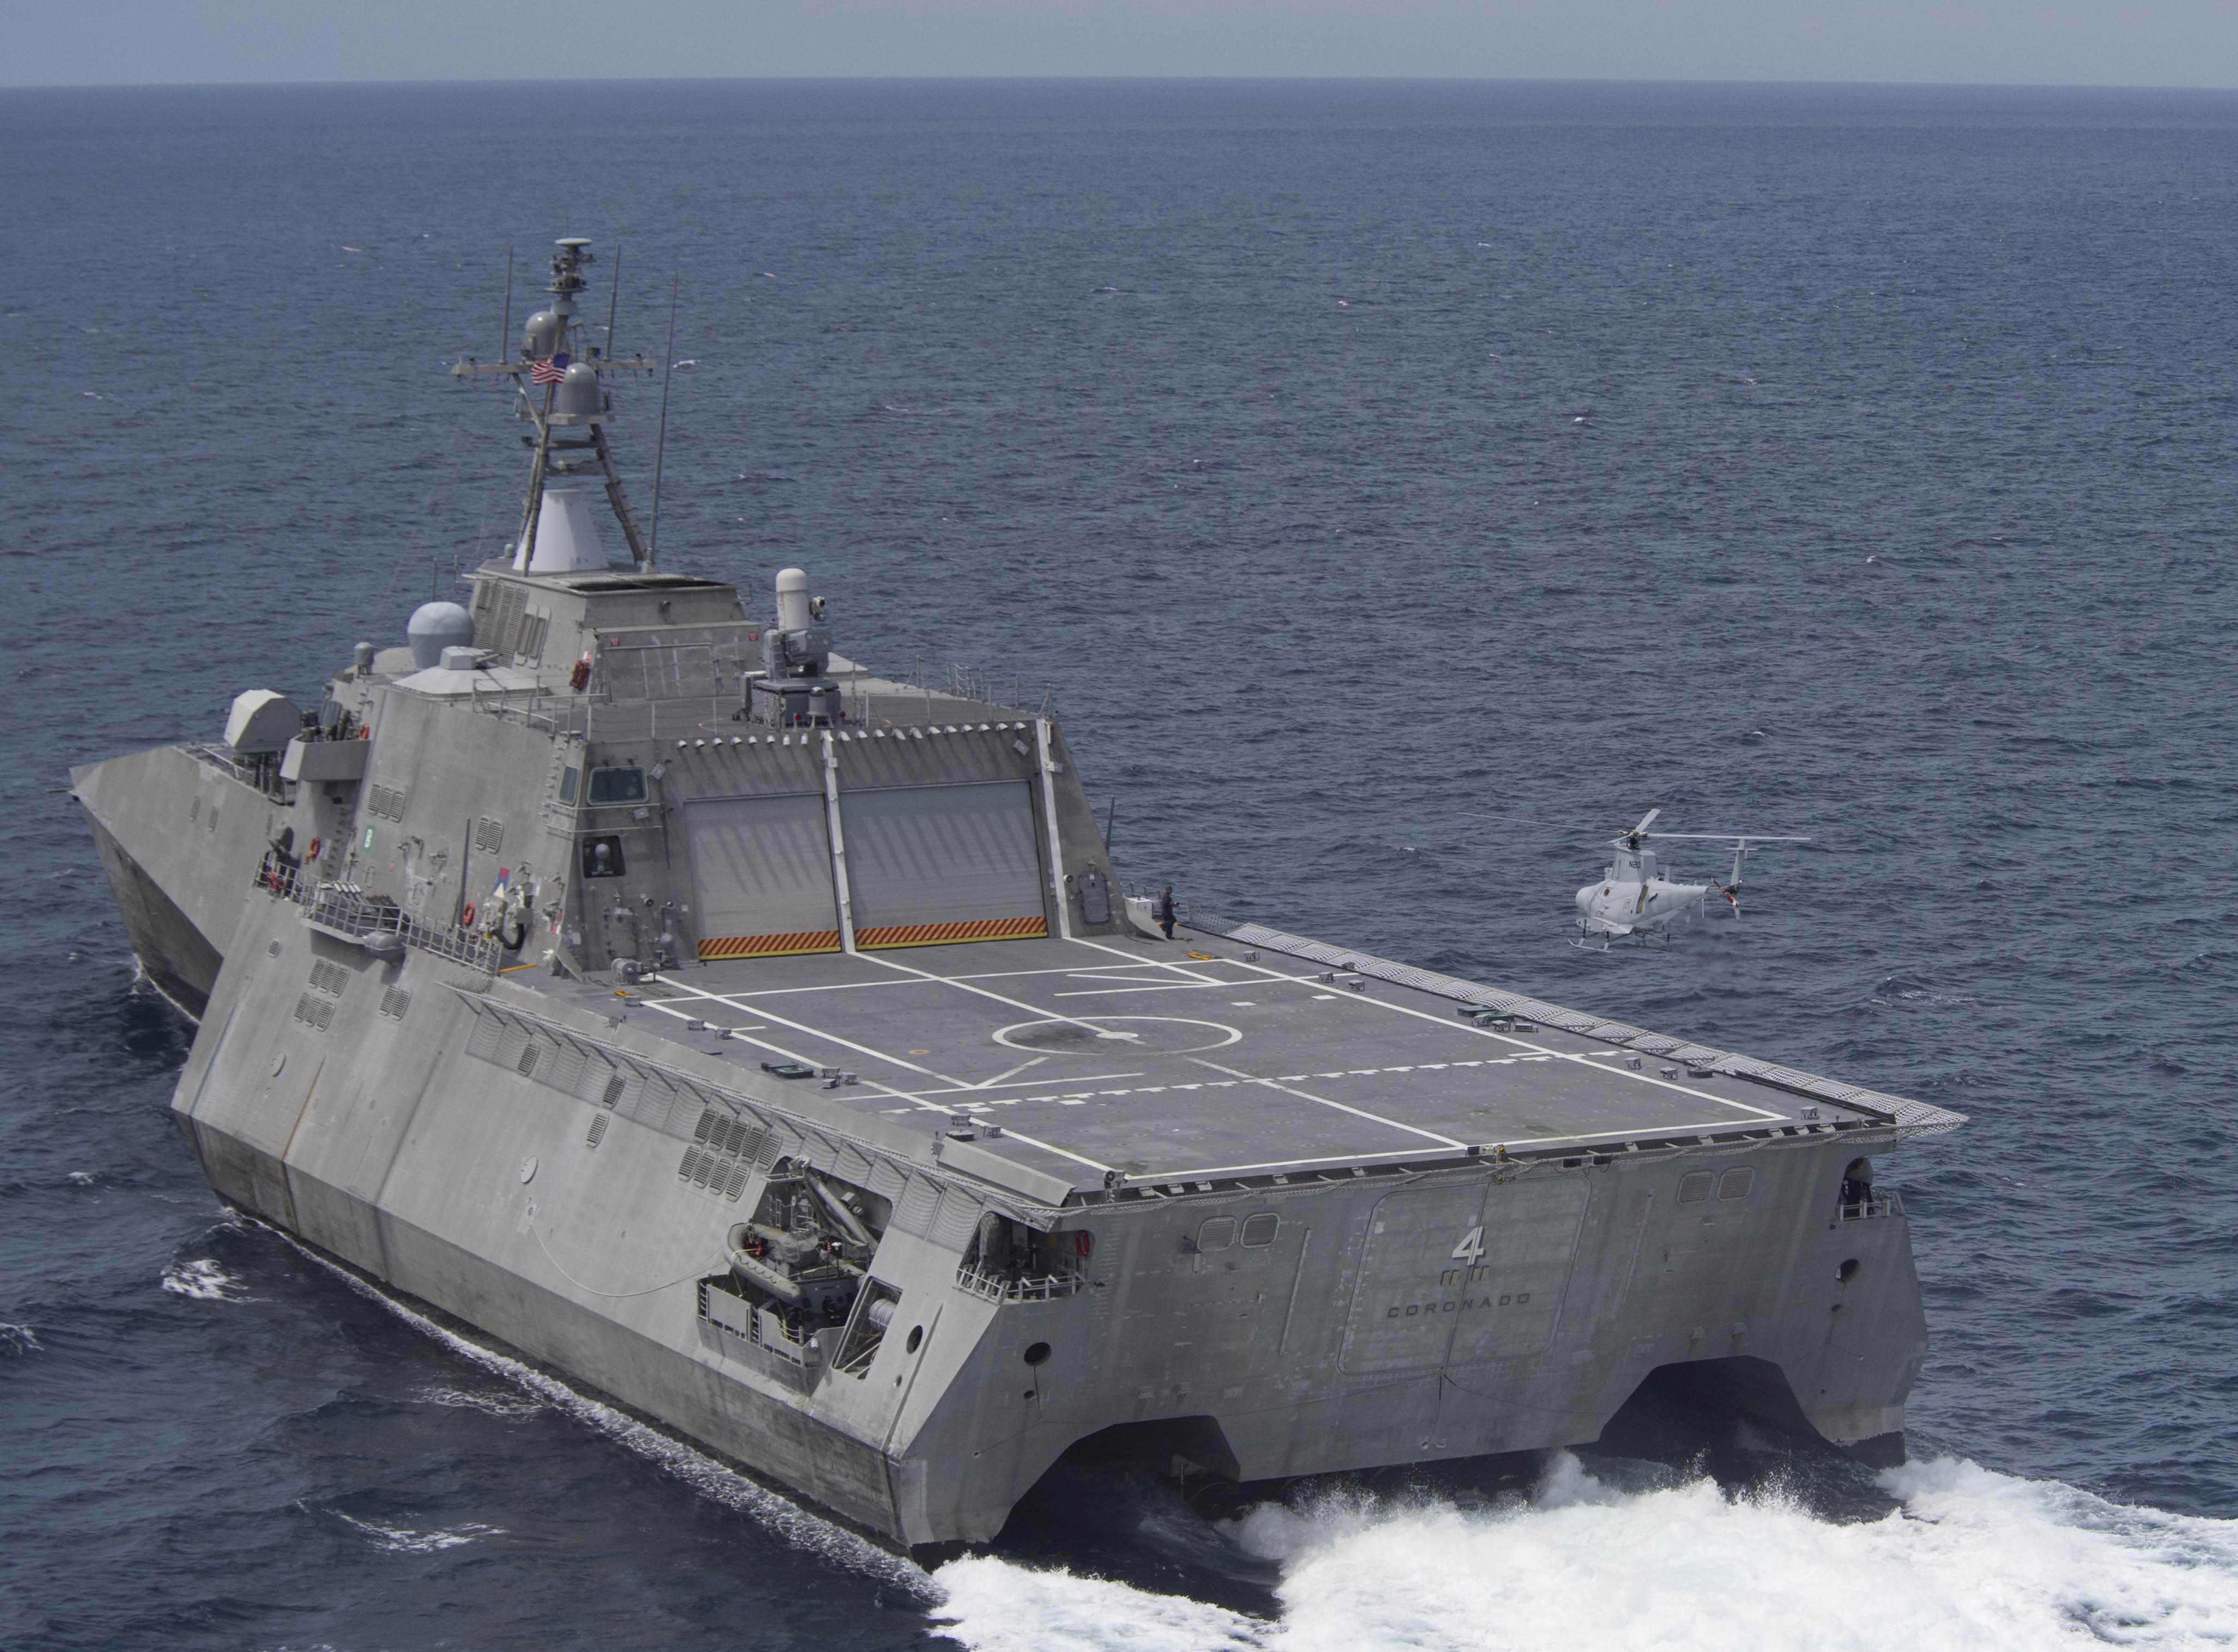 LCS : Littoral Combat Ship - Page 3 32930871151_ec5820e032_o